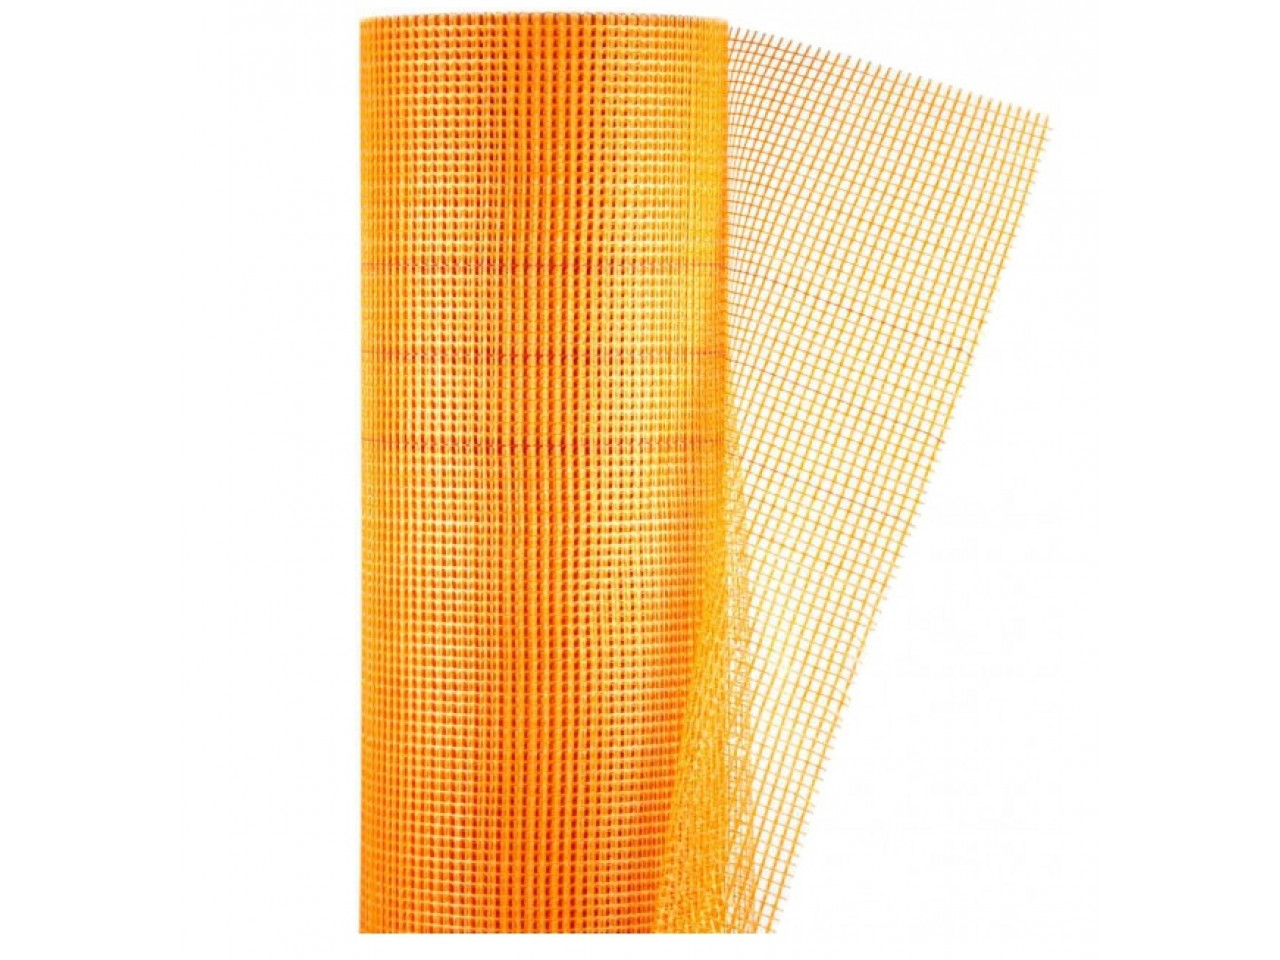 Сетка штукатурная фасадная .6*5мм (50м.кв 145гр/м2) Fiber mesh